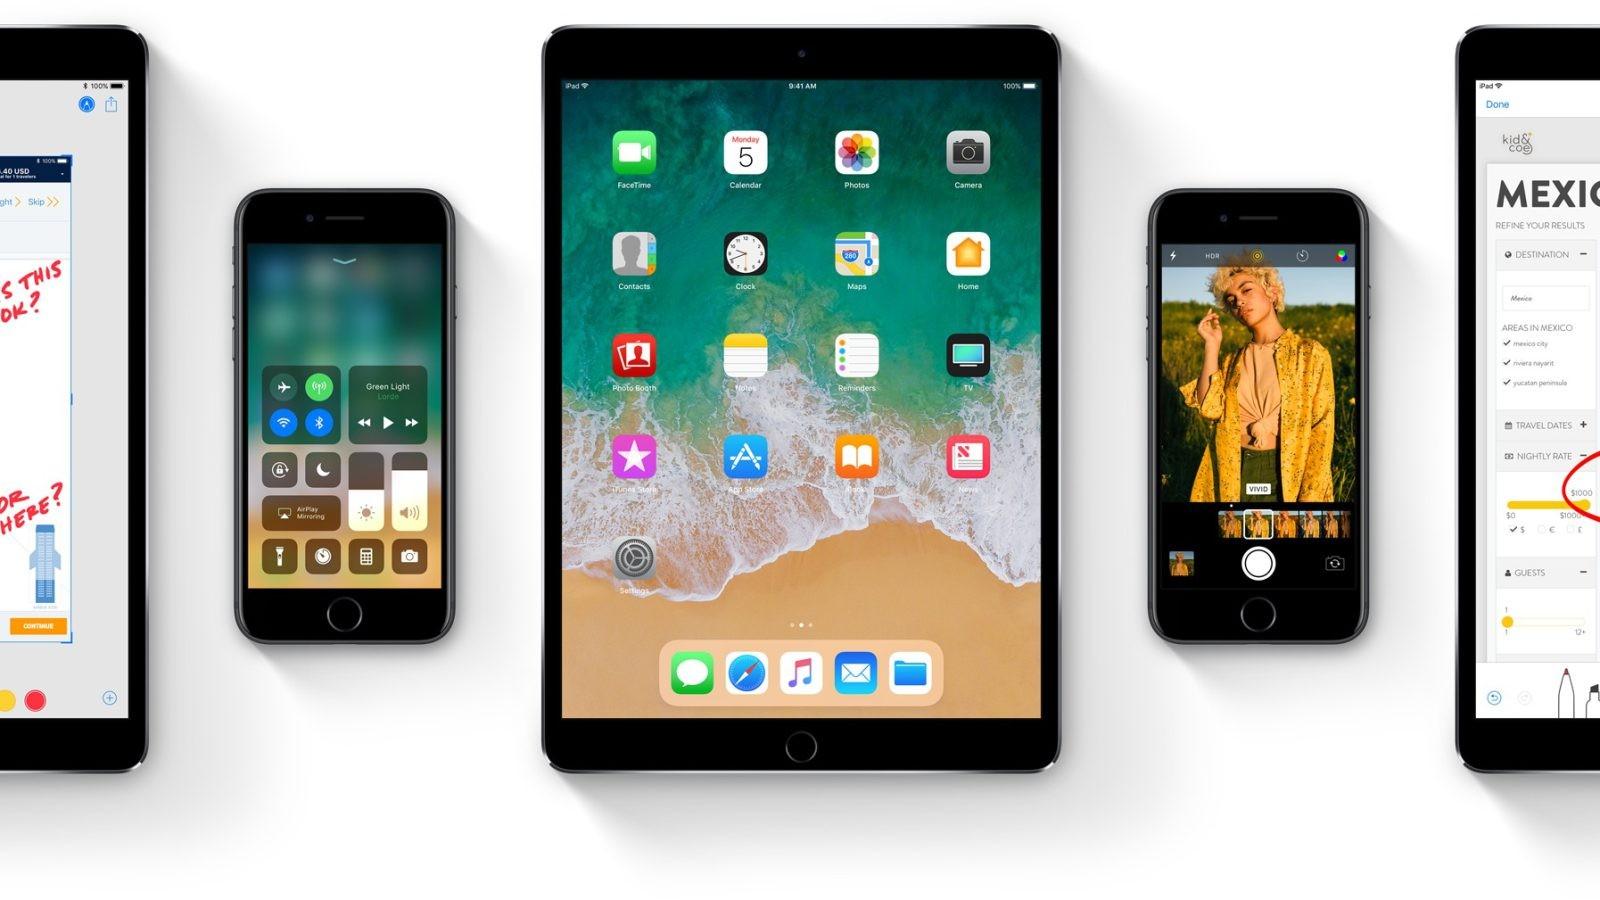 Калькулятор iOS 11 несмог сложить три обычных числа